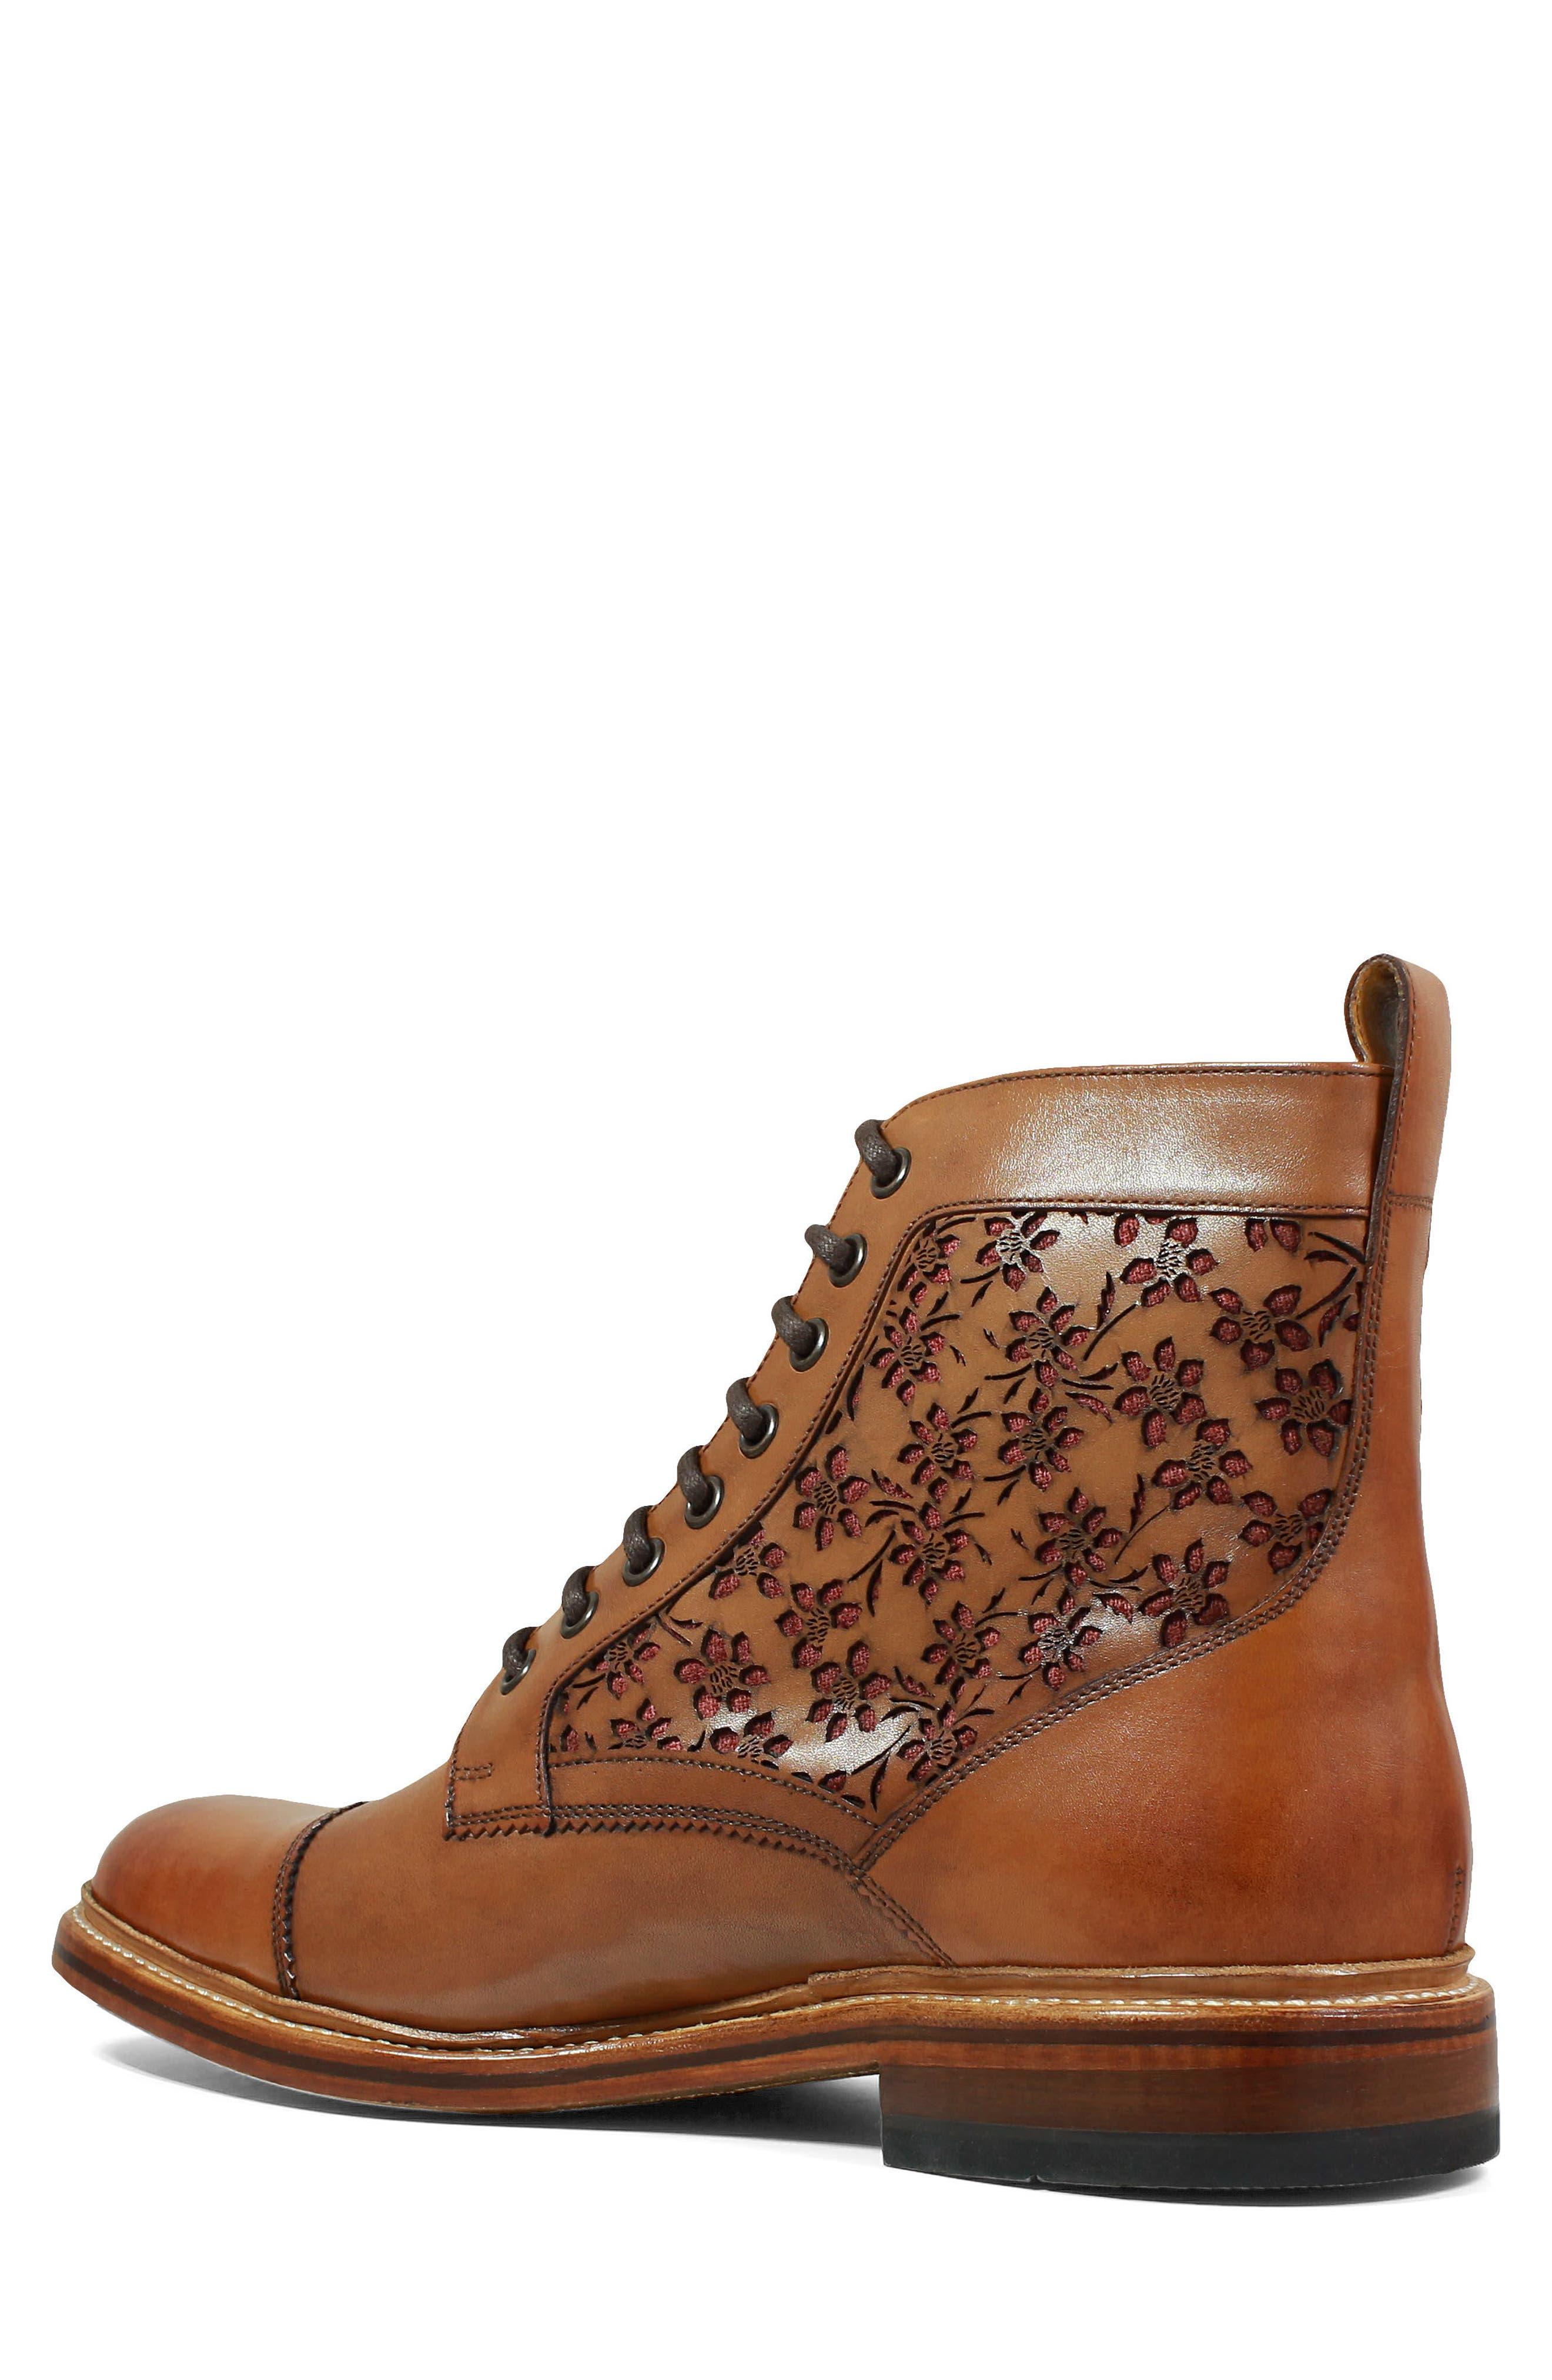 M2 Laser Cut Boot,                             Alternate thumbnail 2, color,                             Cognac Leather